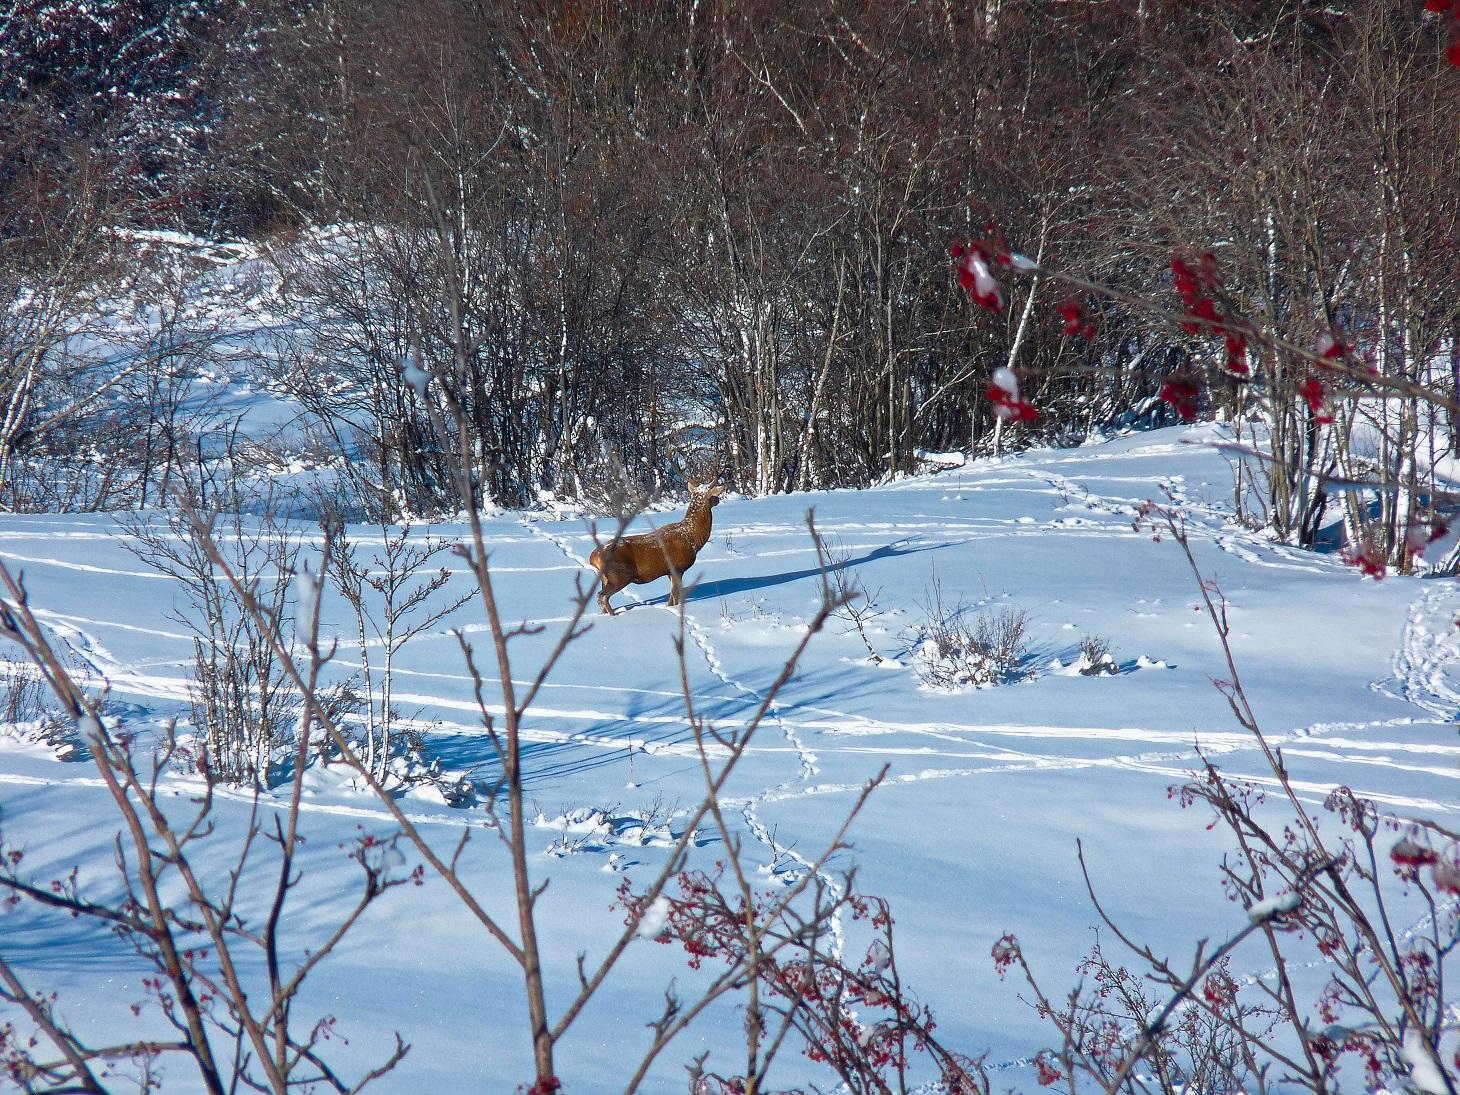 Un cerf se promène, espérons qu'il ne se fasse pas manger par les loups !